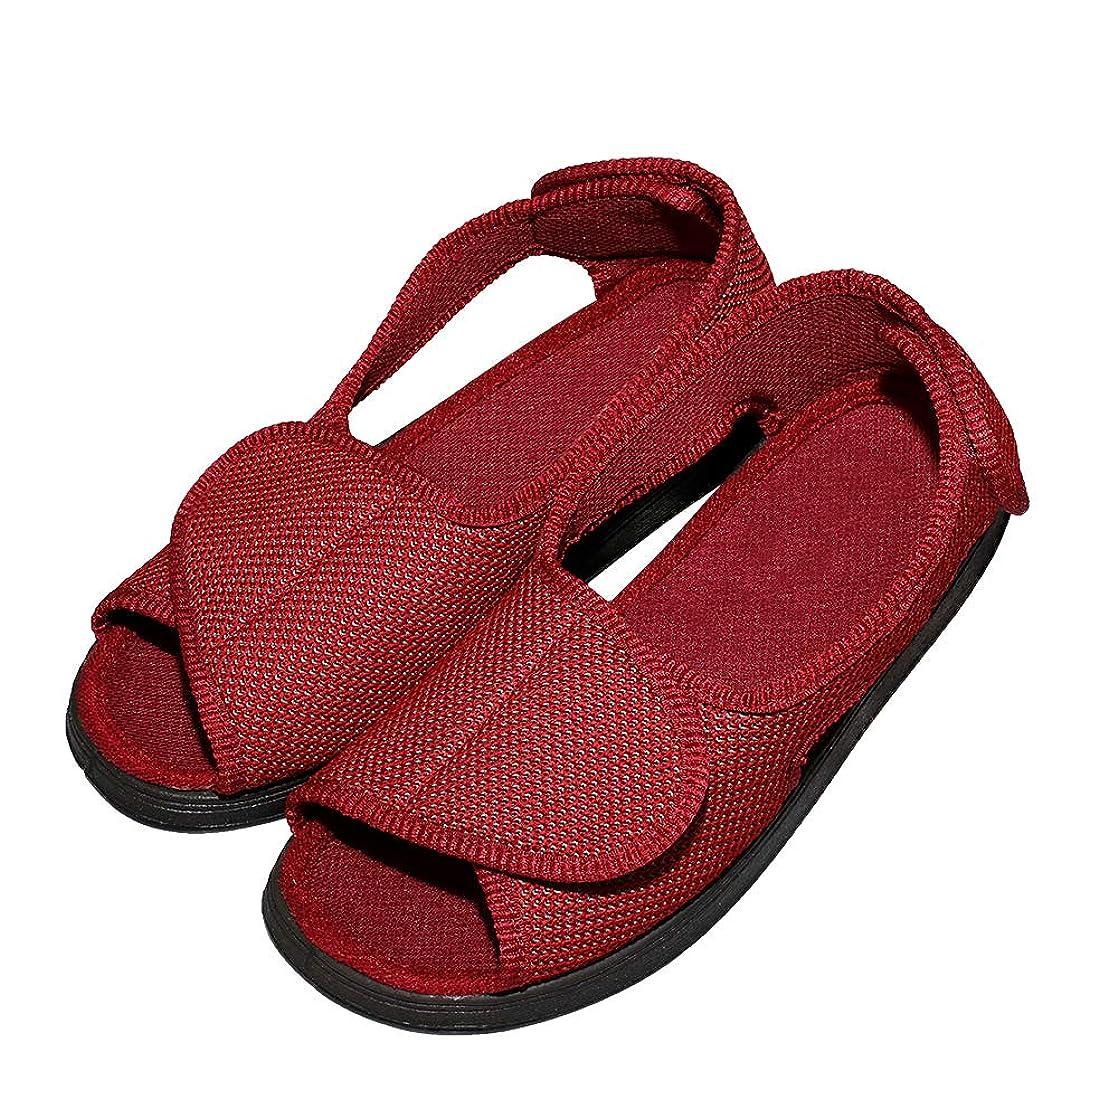 修羅場敷居原始的な[Cozy Ankle] レディース